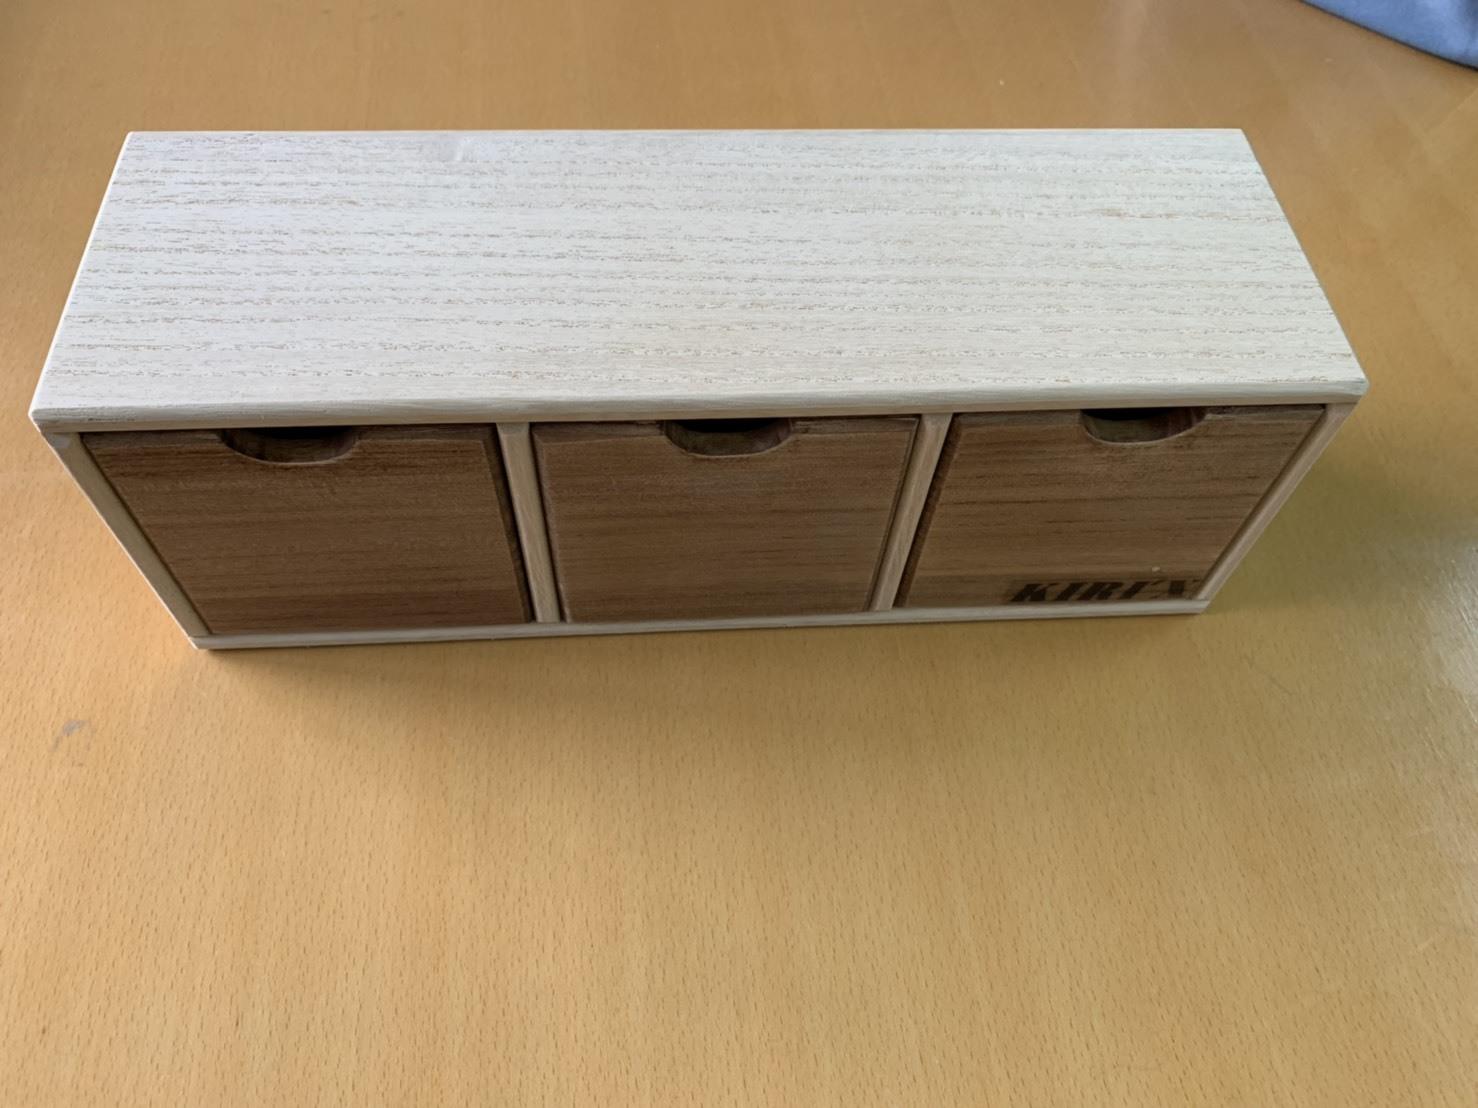 たてよこ自在BOX 小 単品 割引 国産 桐製 オリジナル 手作り 職人 小物入れ プレゼント 伝統工芸 情熱セール 母の日 保存 父の日 収納